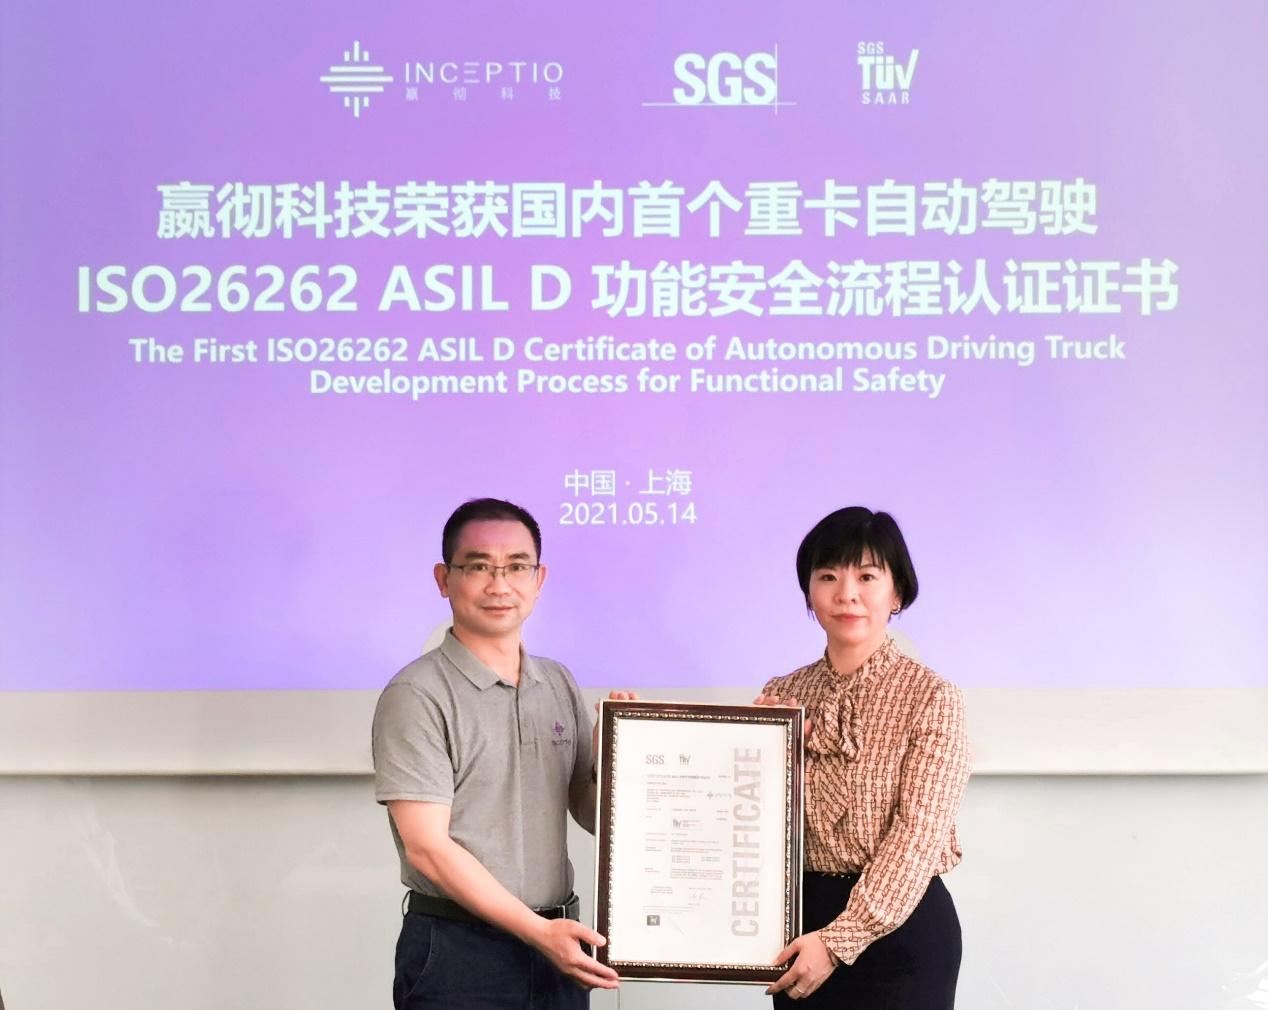 嬴徹科技獲得國內首個重卡自動駕駛最高級別ASIL D功能安全流程認證